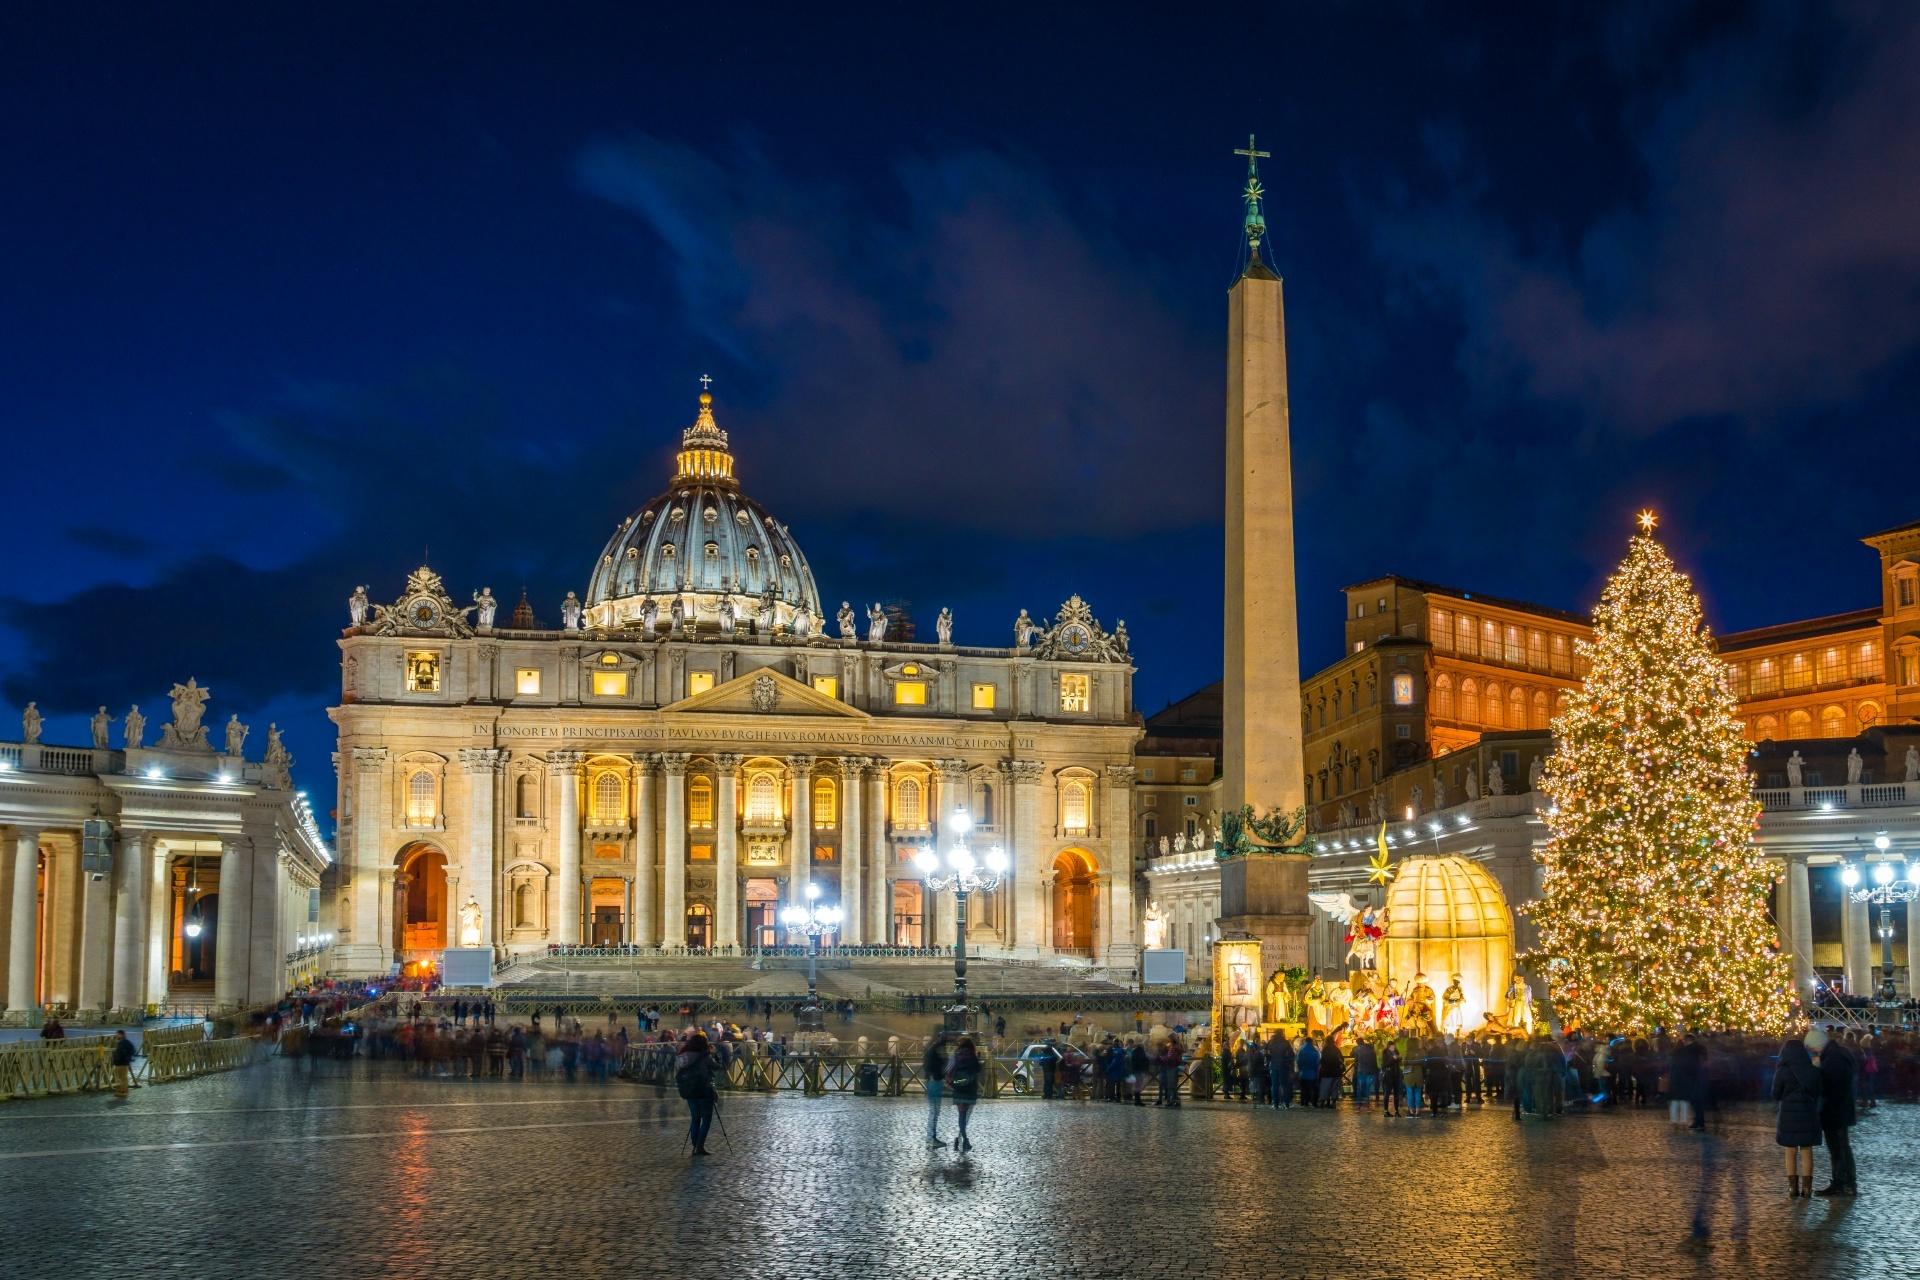 クリスマスのサン・ピエトロ大聖堂 バチカン市国のクリスマス風景